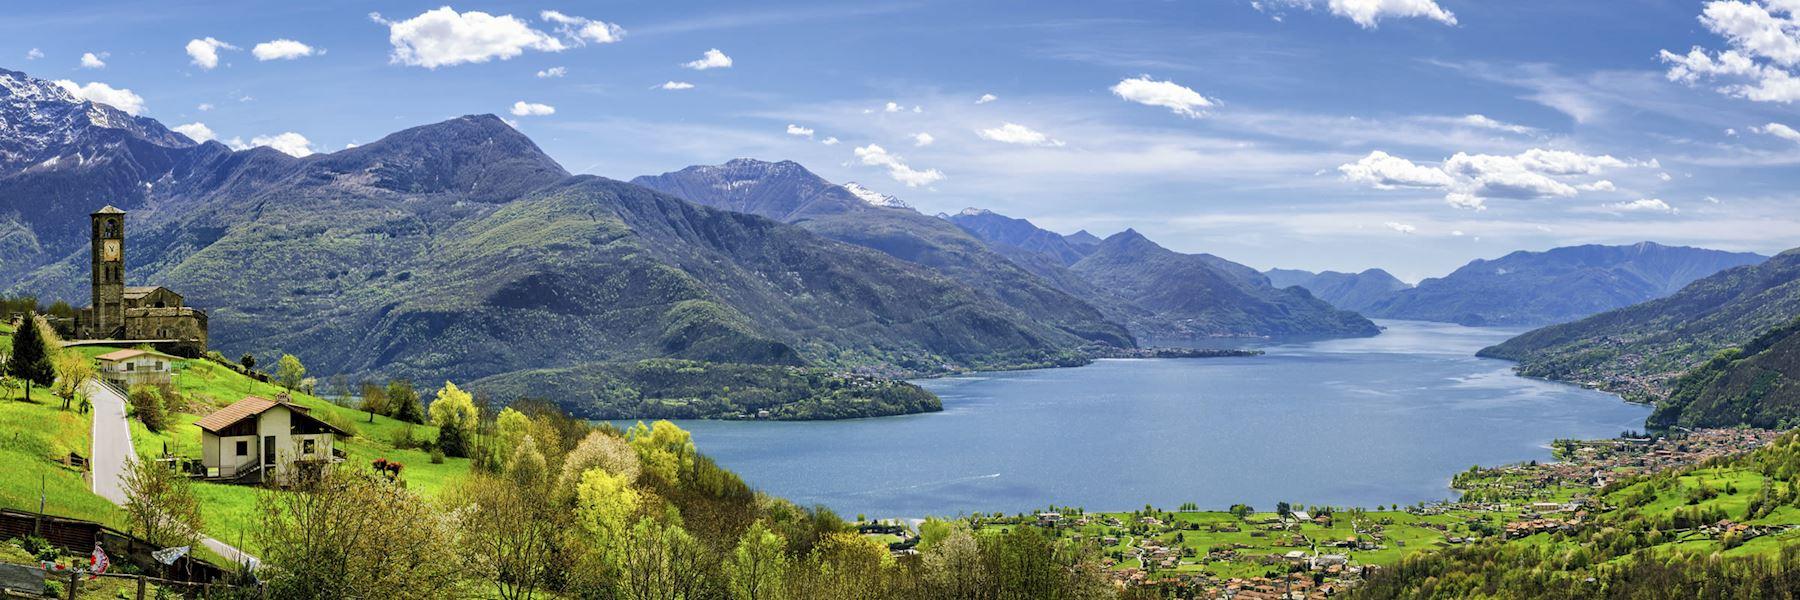 Italian Lakes holidays